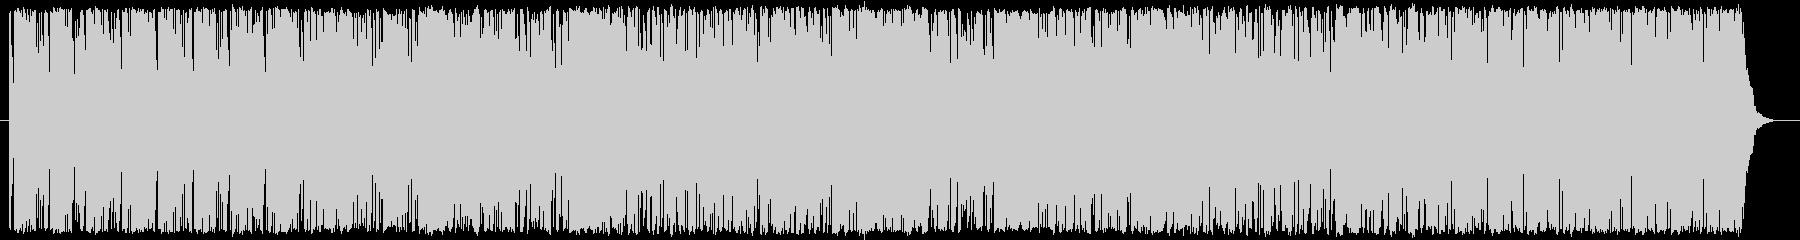 アナログシンセサイザーのテクノの未再生の波形